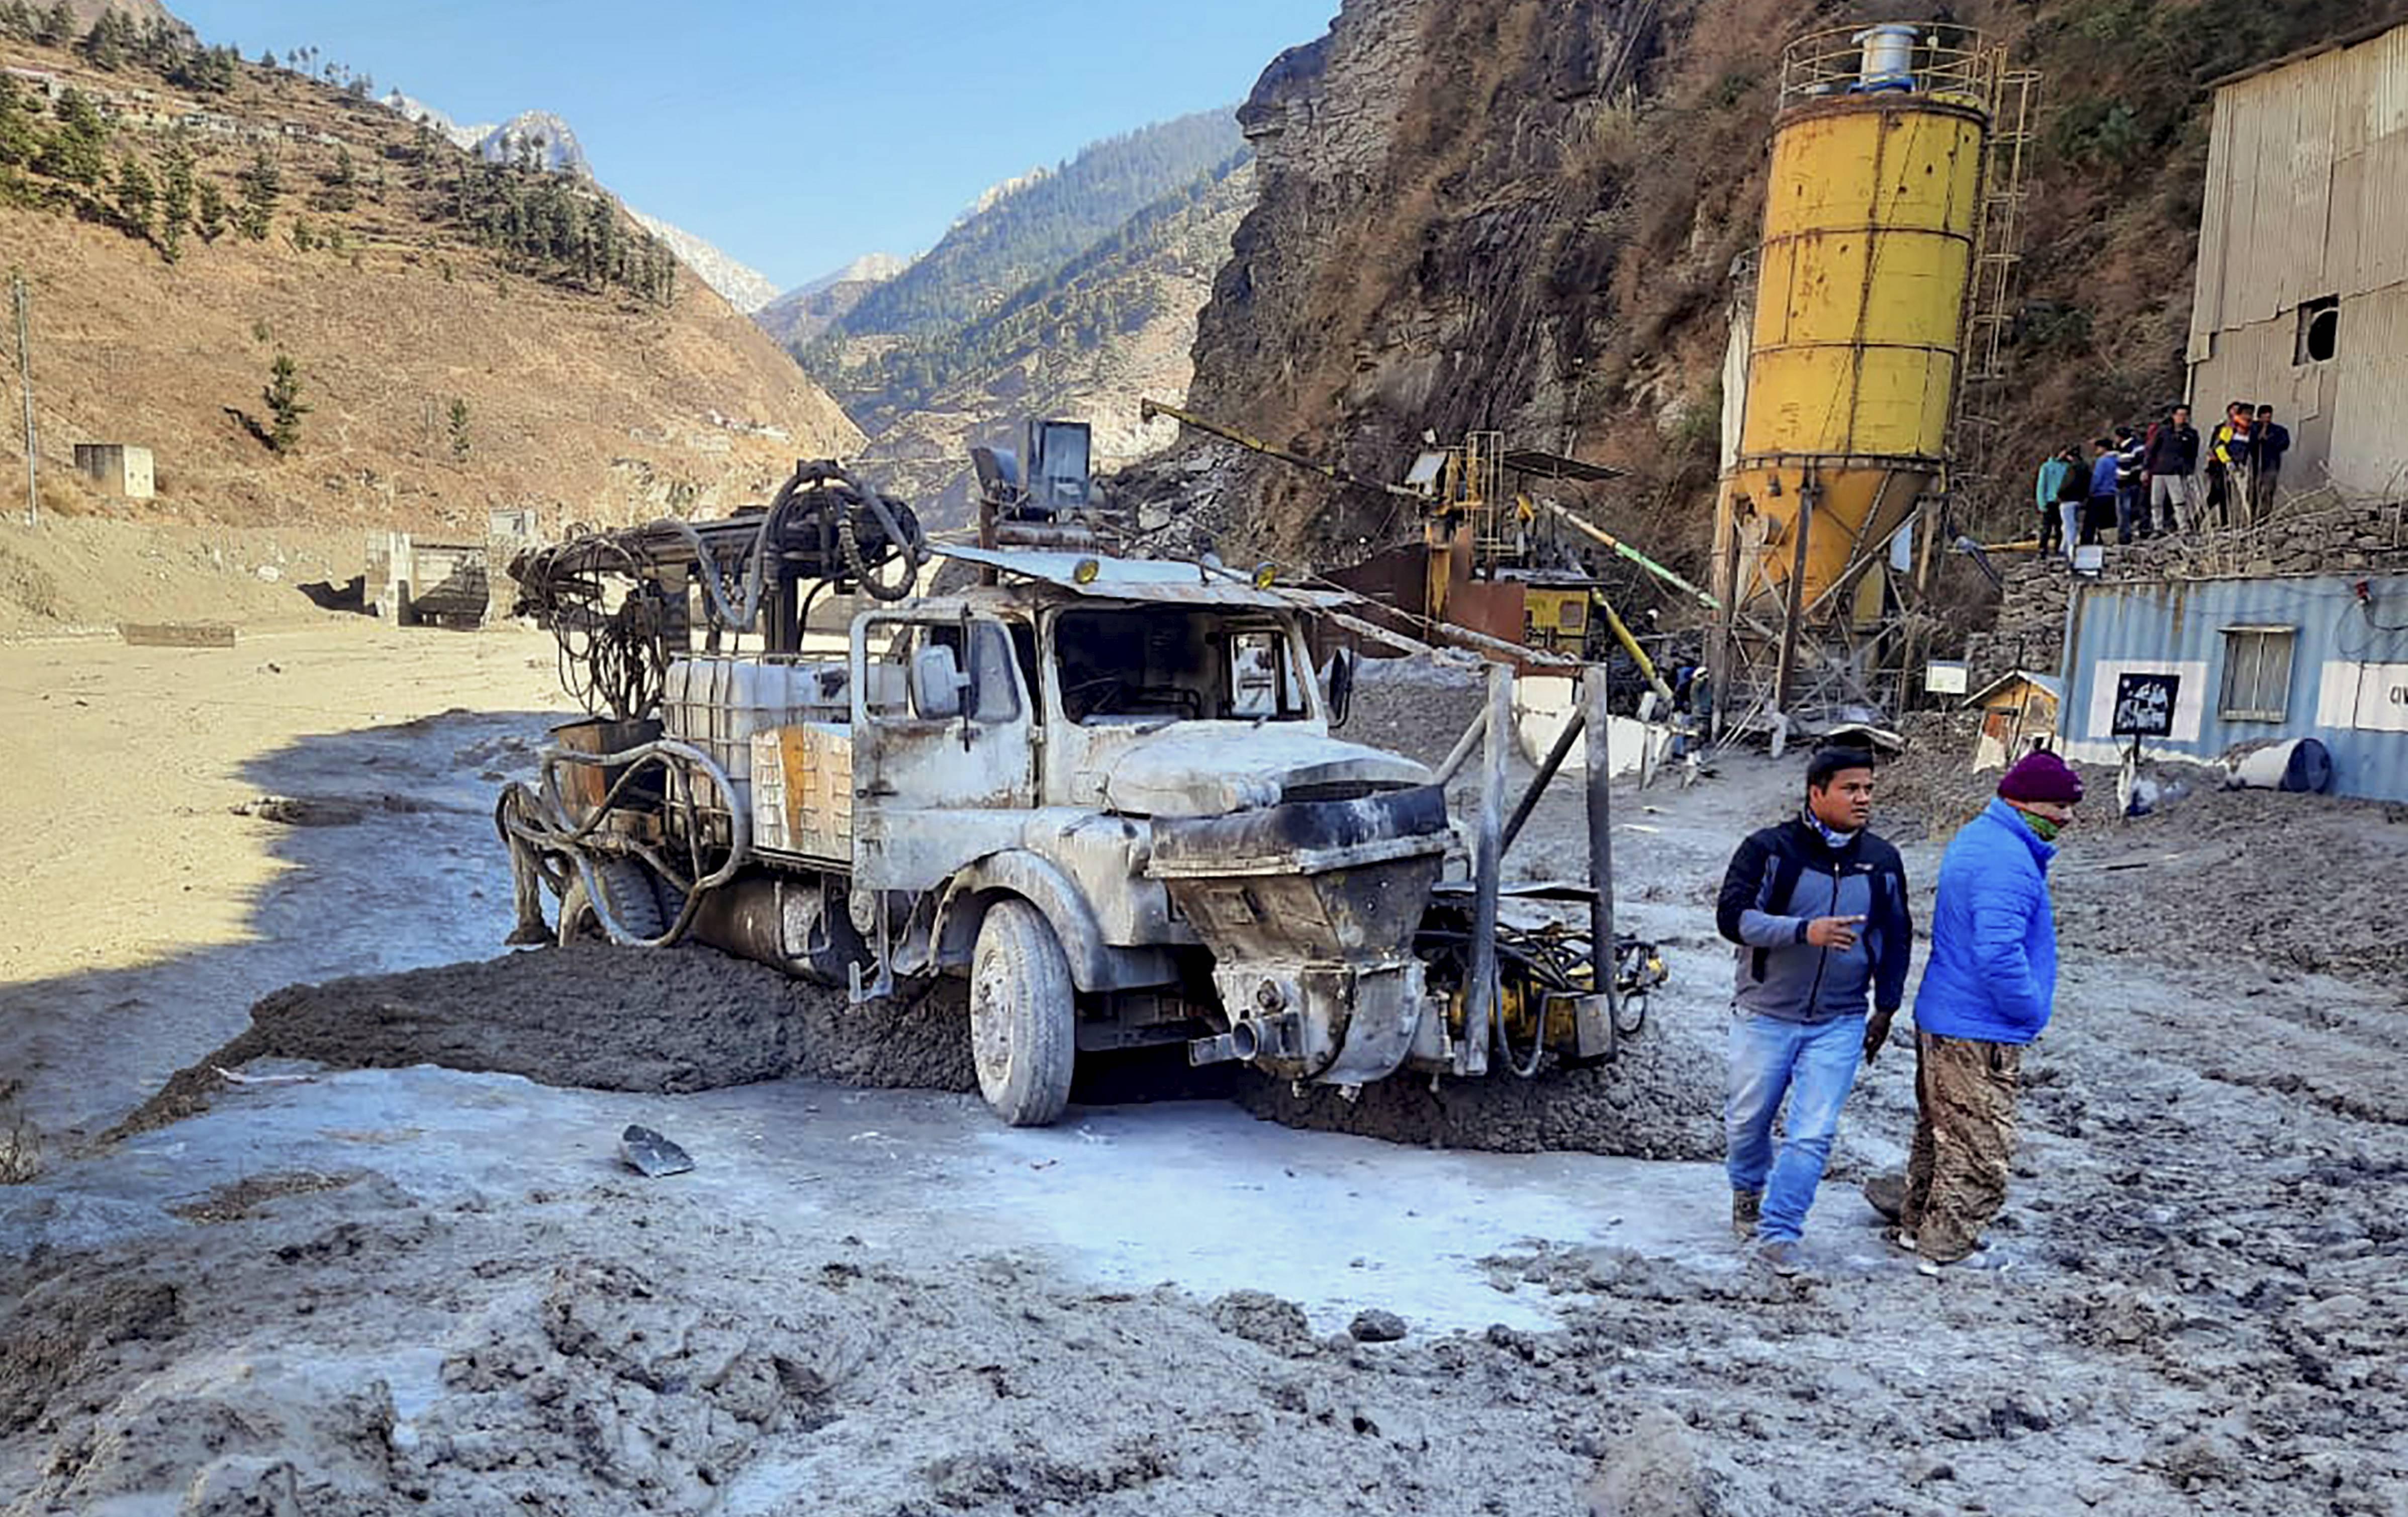 चमोली जिले के रैणी गांव में चल रहे धौलीगंगा हाइड्रोपावर प्रोजेक्ट को काफी नुकसान हुआ है। ग्लेशियरों को नुकसान से किस तरह के हादसे हो सकते हैं, चमोली की घटना इसकी गवाही है।